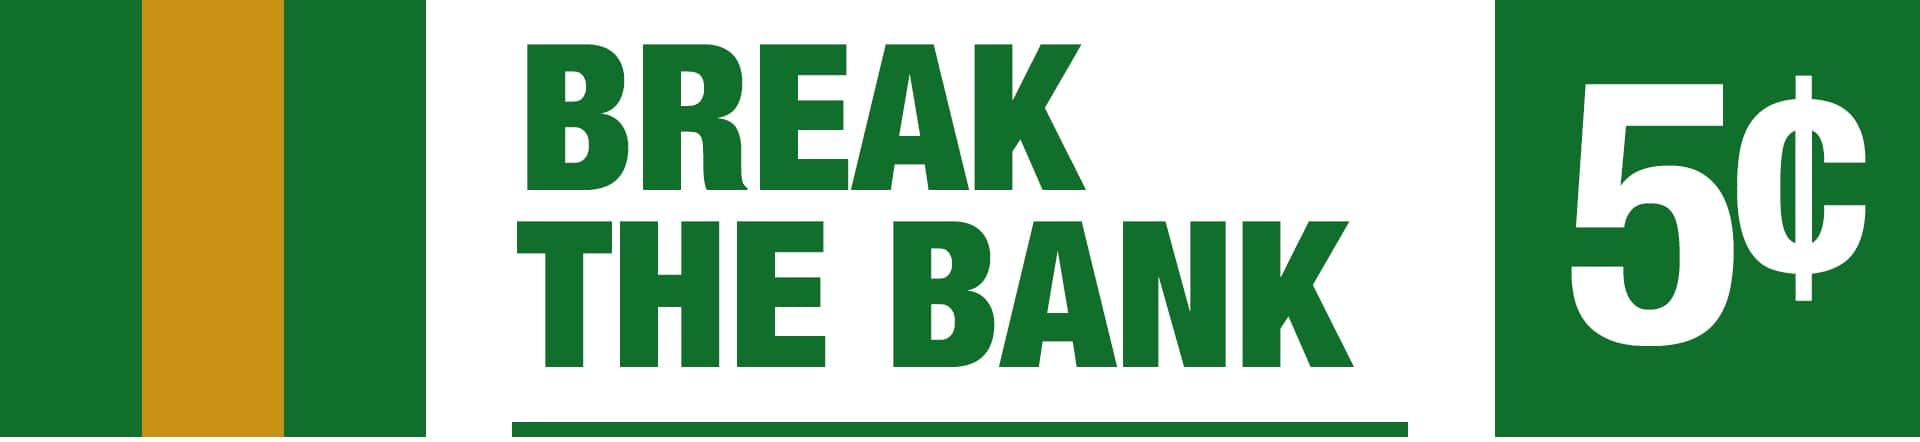 Break The Bank - Nickel Jackpot